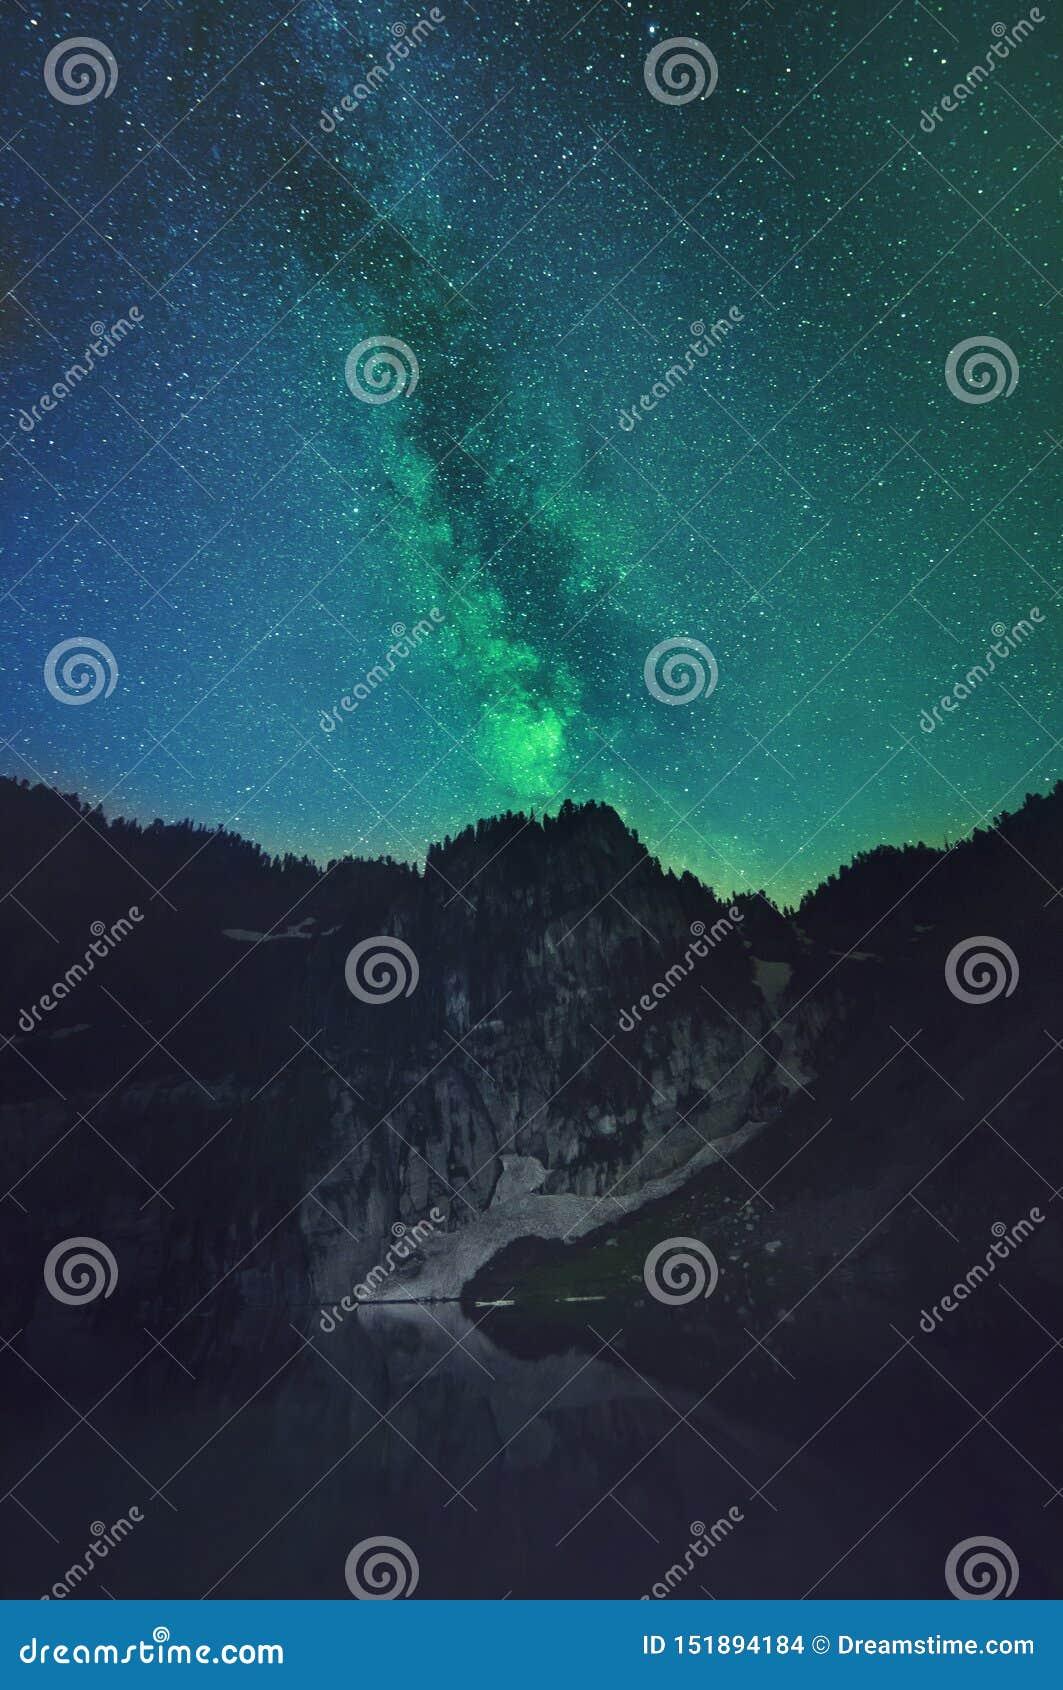 Paesaggio della montagna con la Via Lattea visibile dietro